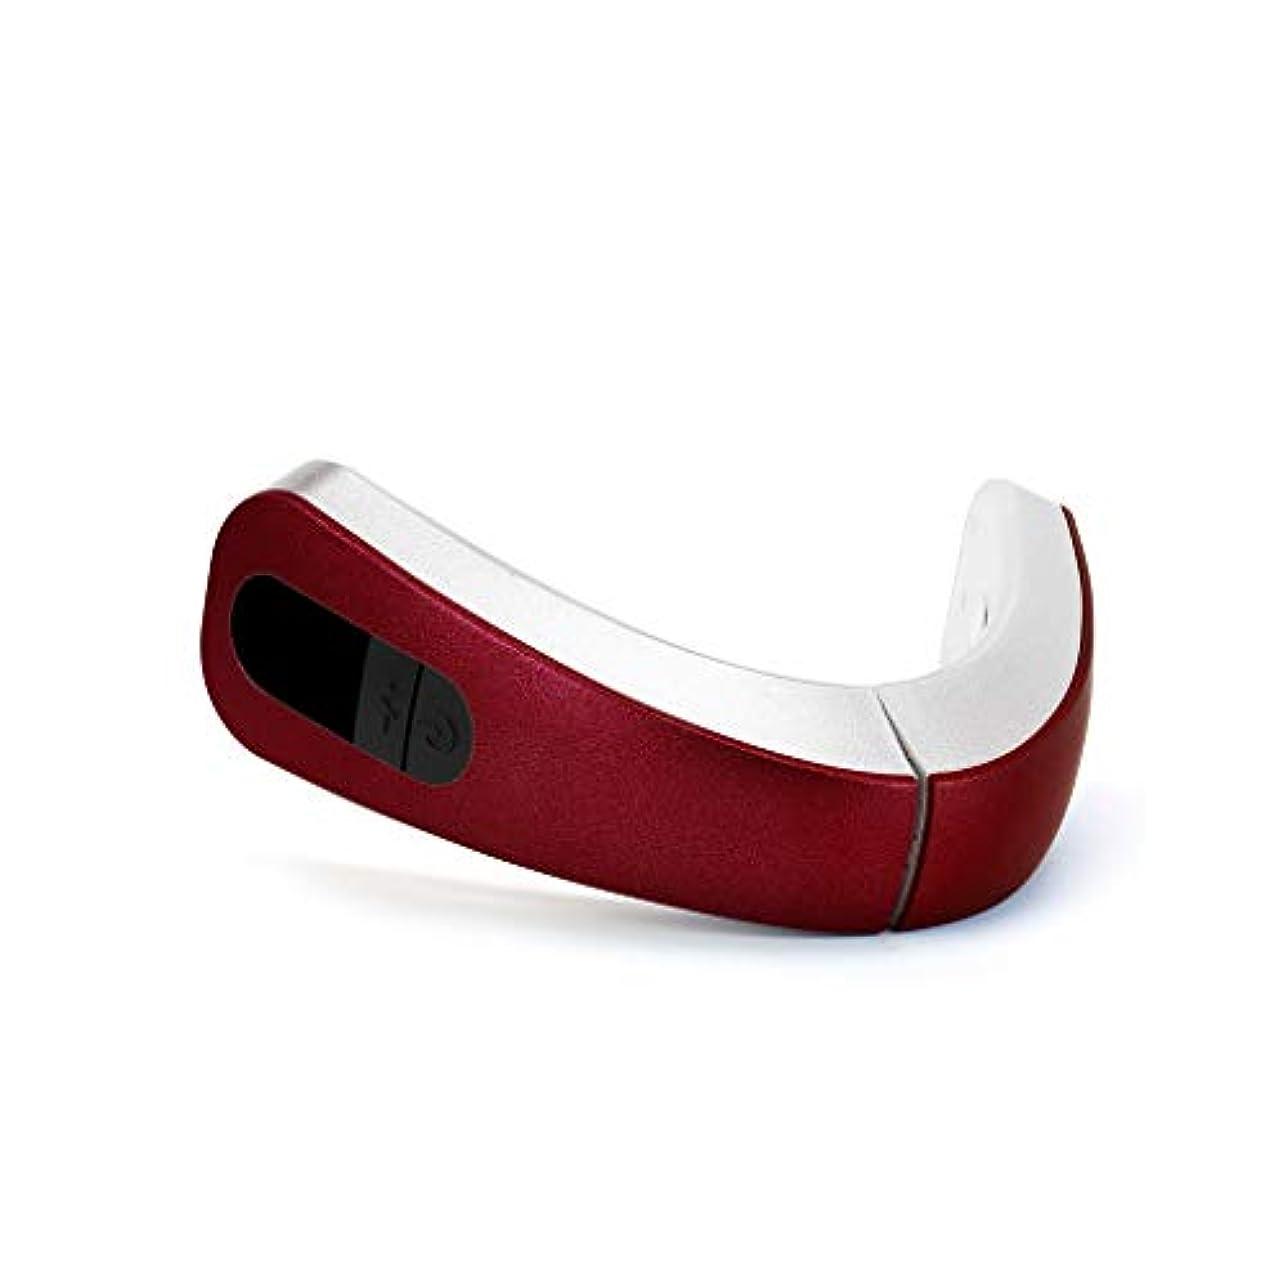 本物咲く給料リフティングフェイシャル、電気マッサージ美容器具、リフティングファーミングファットディゾルビングシンフェイスシンダブルチンシンフェイス、4つのマッサージモードがあります (Color : Red)